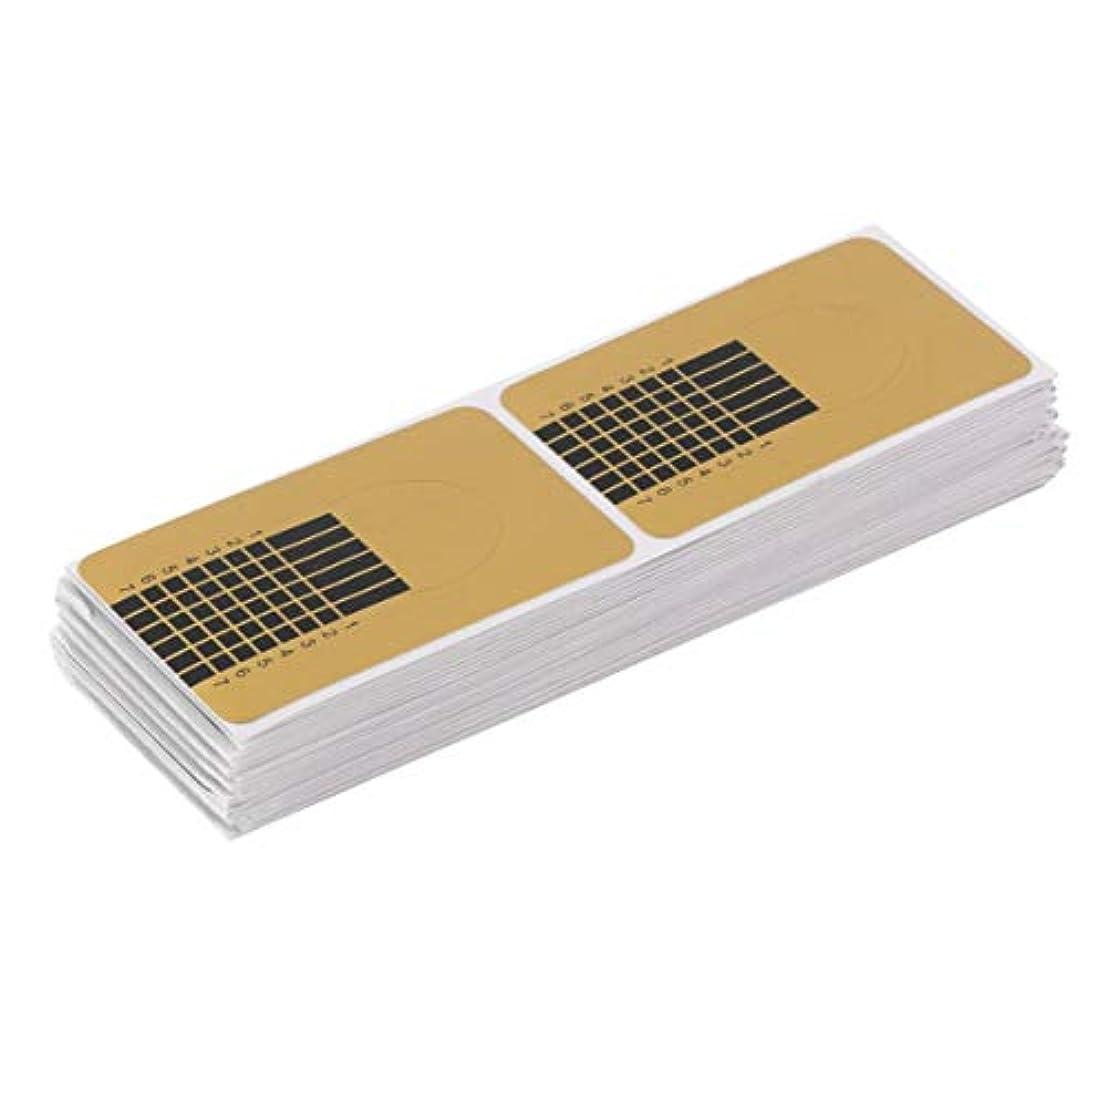 組み合わせ縮れた改修Birdlantern 100ピース/セットプロフェッショナルネイルツールのヒントネイルアートガイドフォームアクリルチップジェルエクステンションステッカーネイルポリッシュカールフォームゴールド